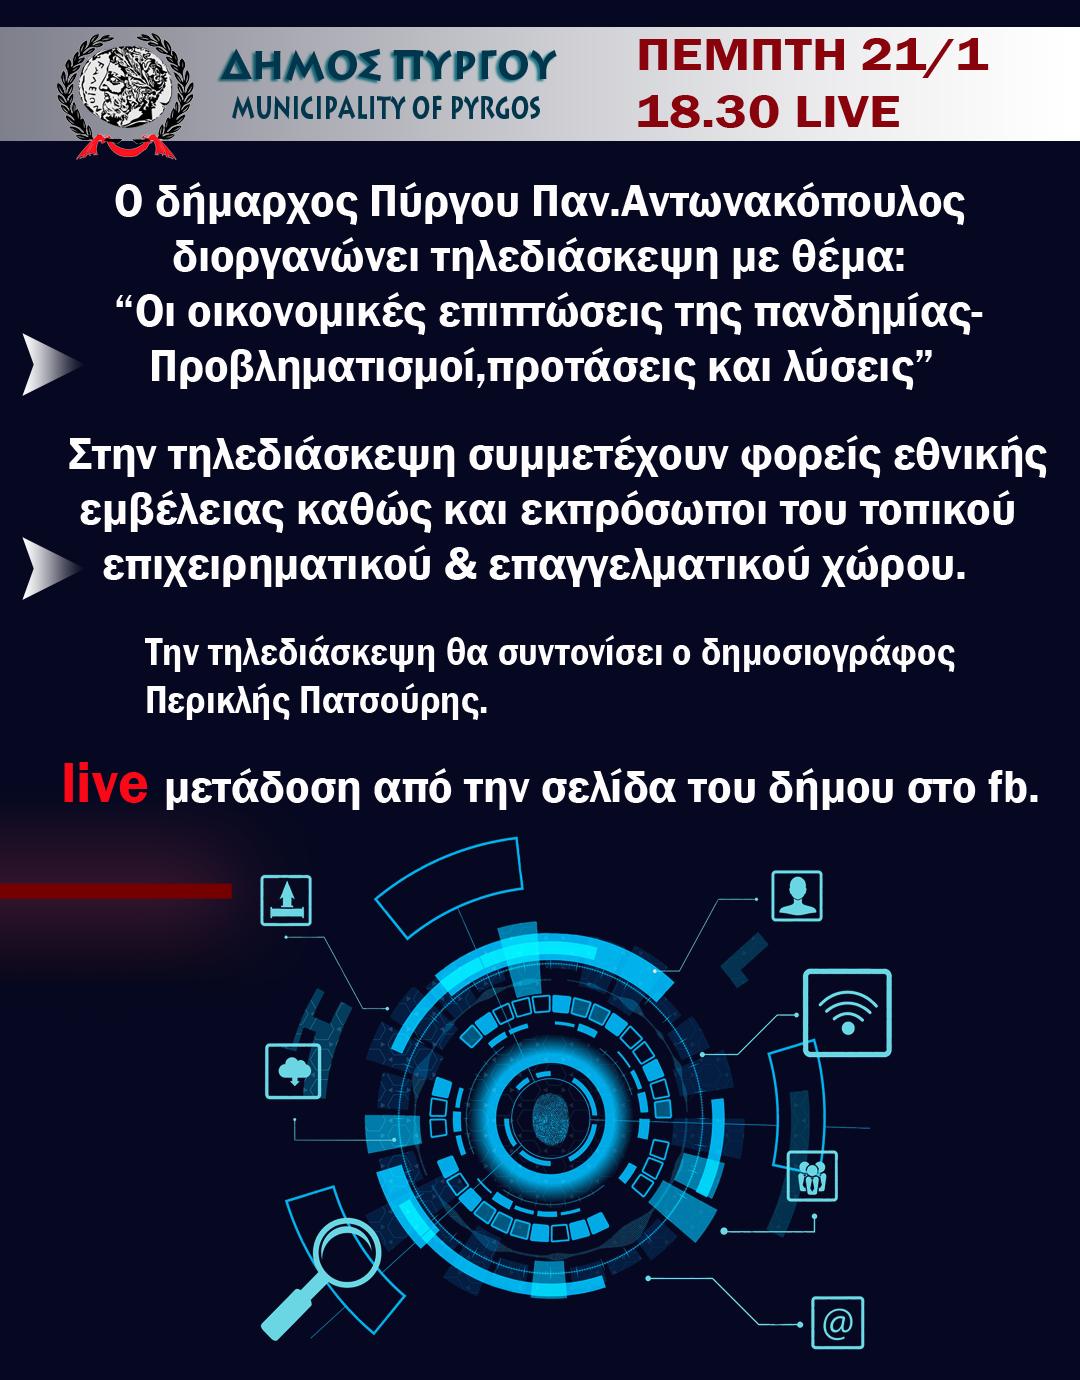 """Δήμος Πύργου: Τηλεδιάσκεψη με θέμα τις """"οικονομικές επιπτώσεις της πανδημίας- Προβληματισμοί, προτάσεις και λύσεις""""- Σήμερα Πέμπτη με ώρα έναρξης 18:30- Παρακολουθείστε ζωντανά (LIVE)"""